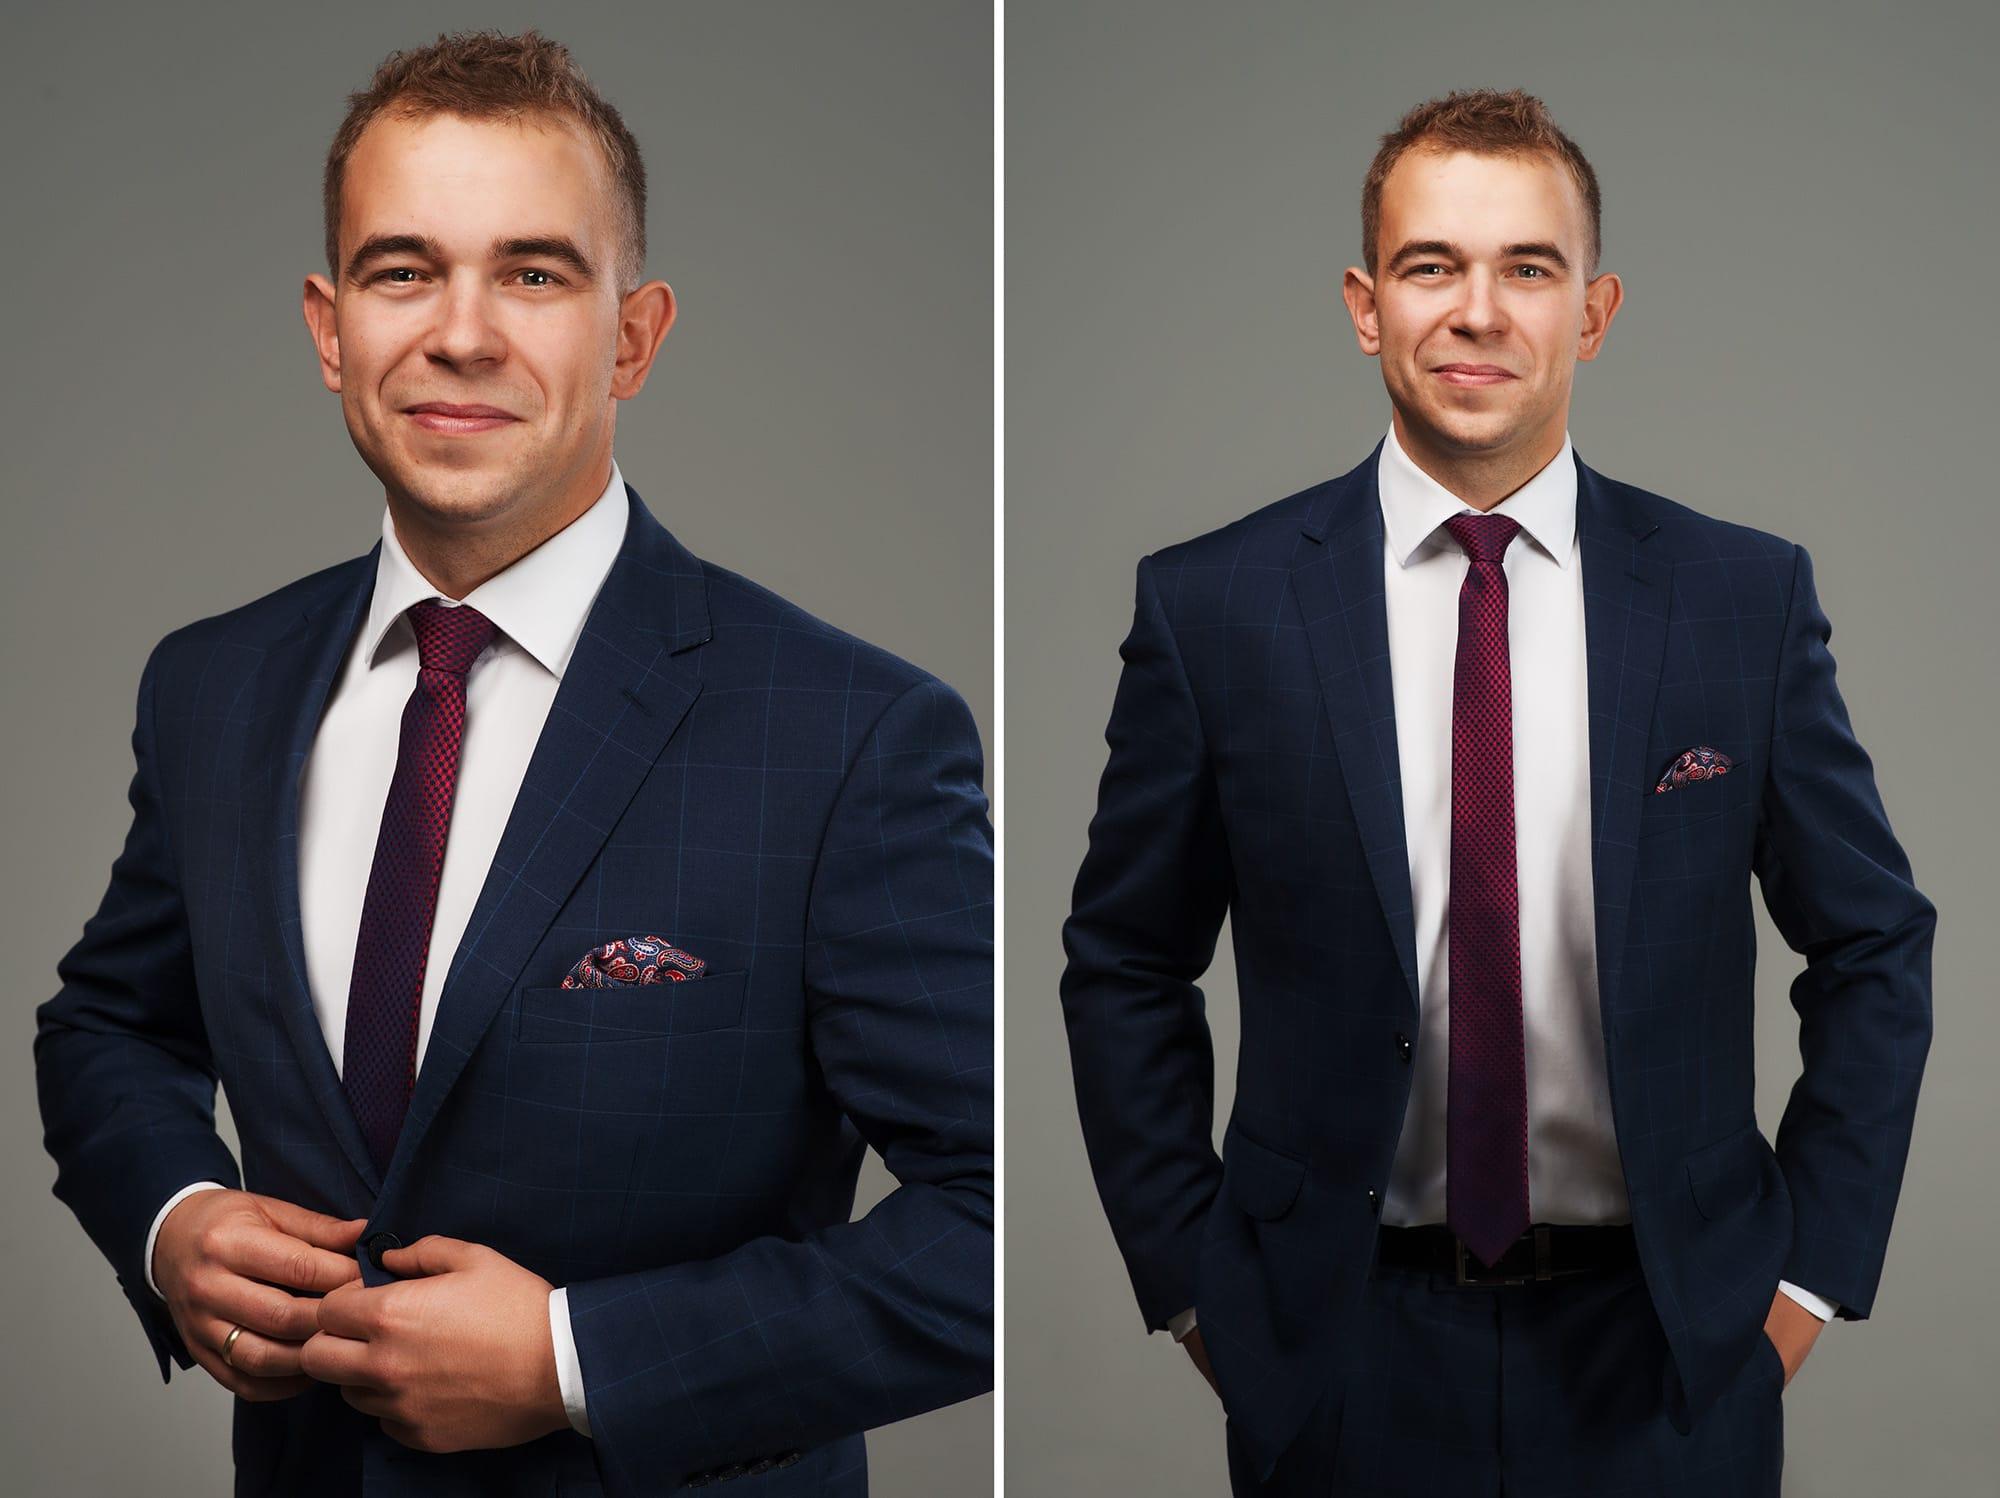 Sesja portretowa dla prawników